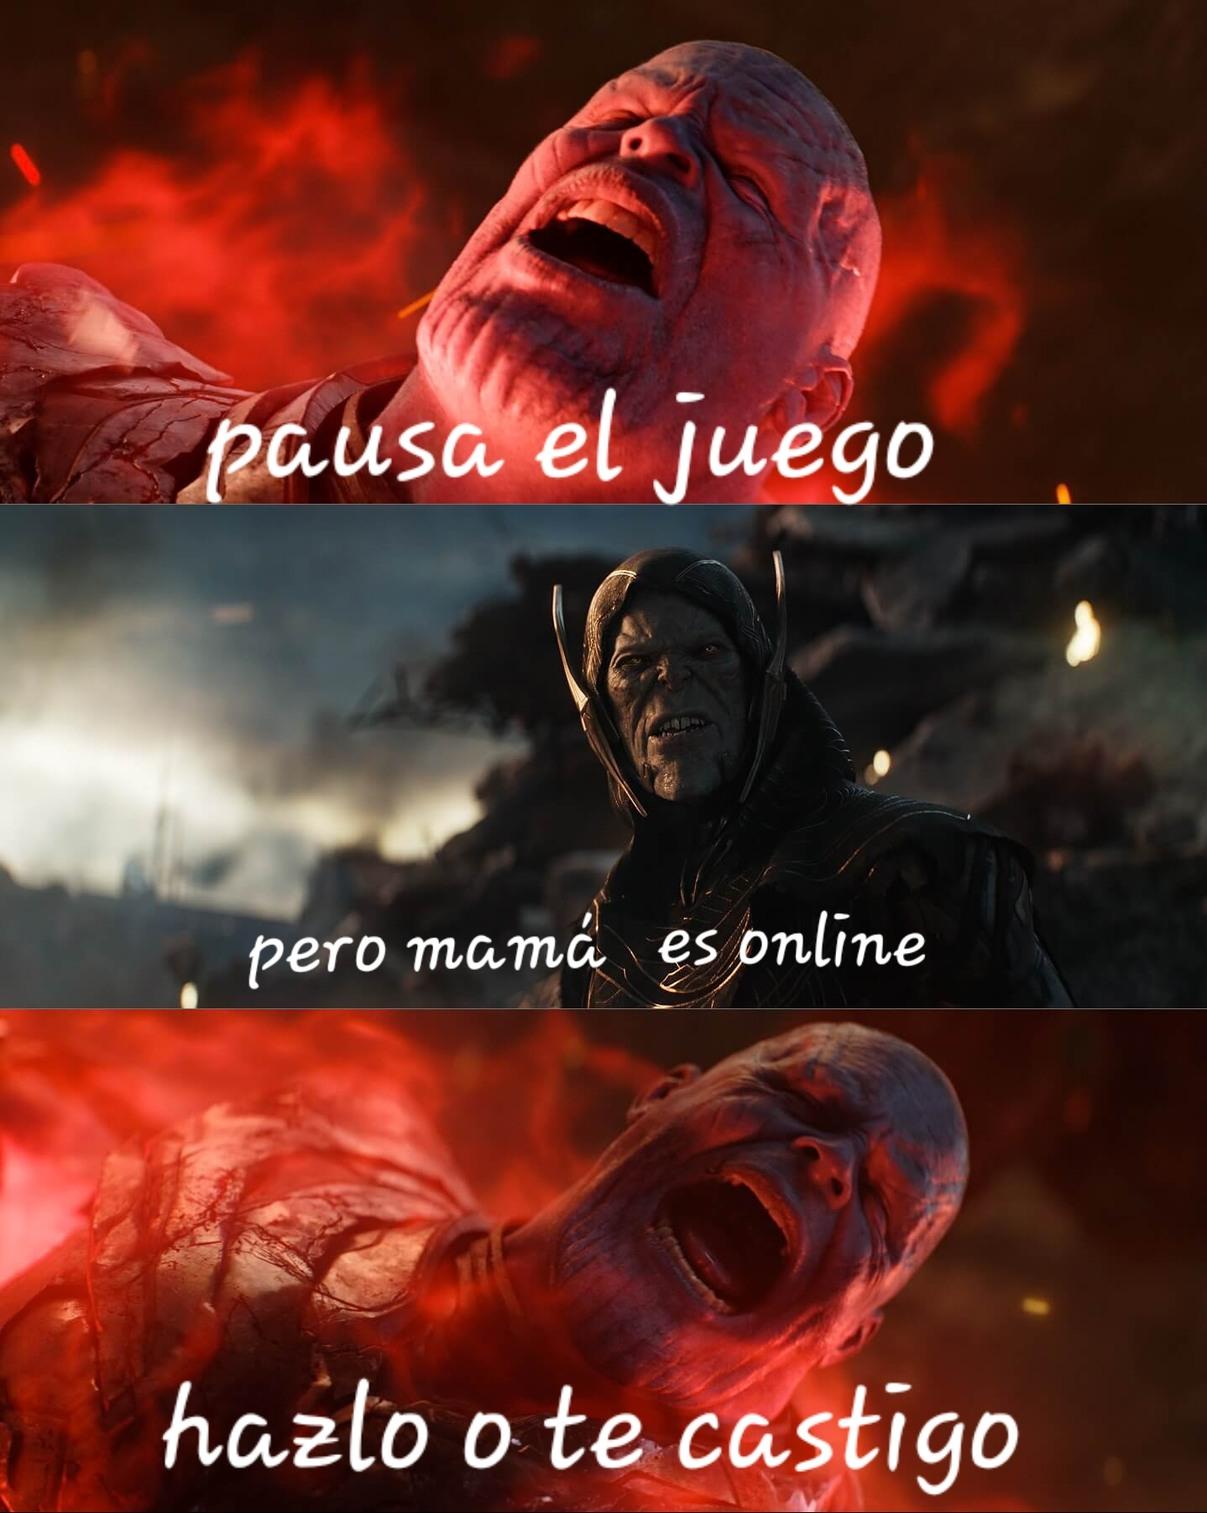 Hdjwiwu - meme